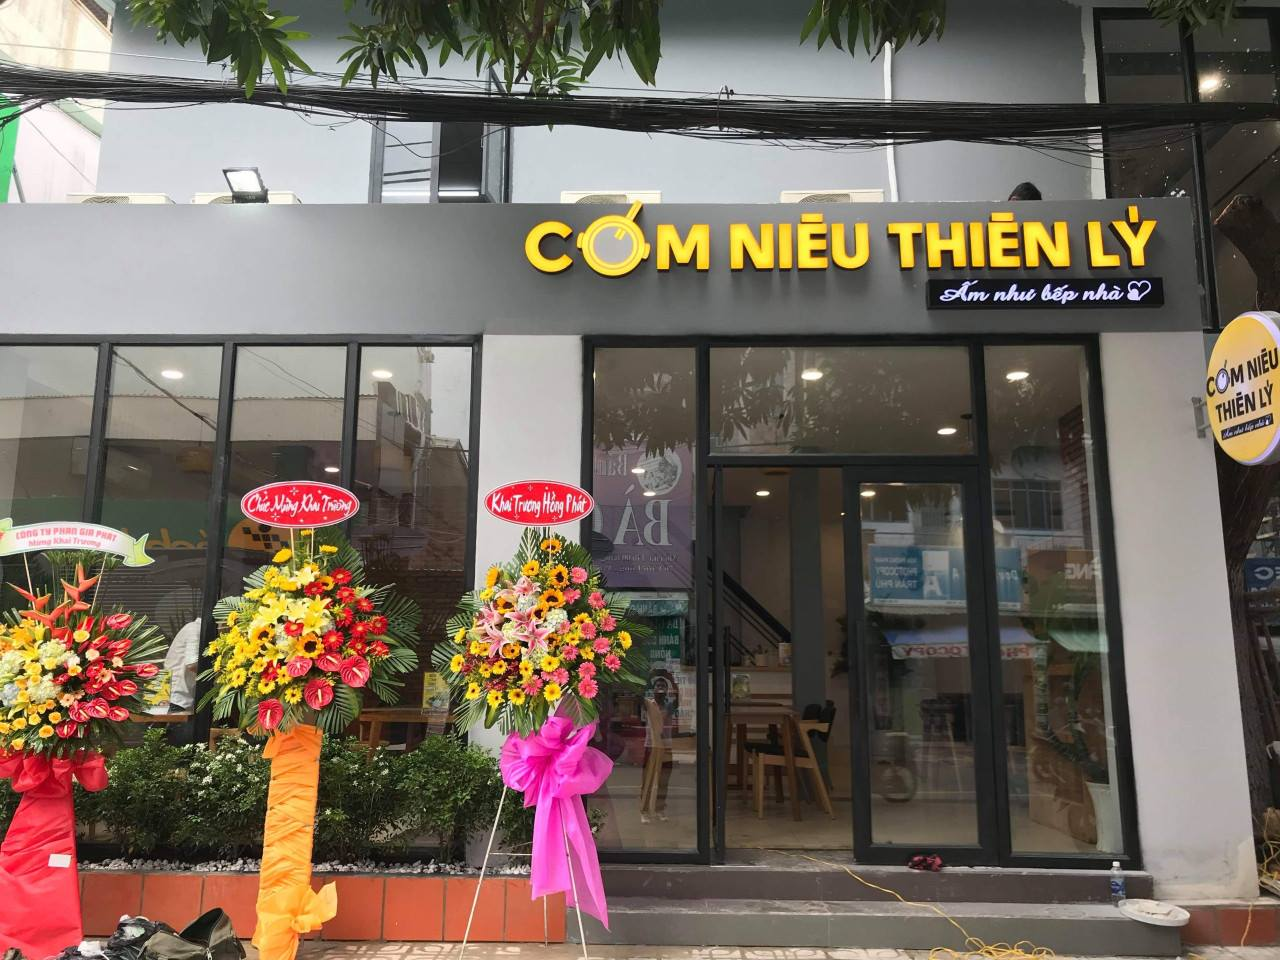 Thiên Lý - Cơm Niêu Singapore quận 10